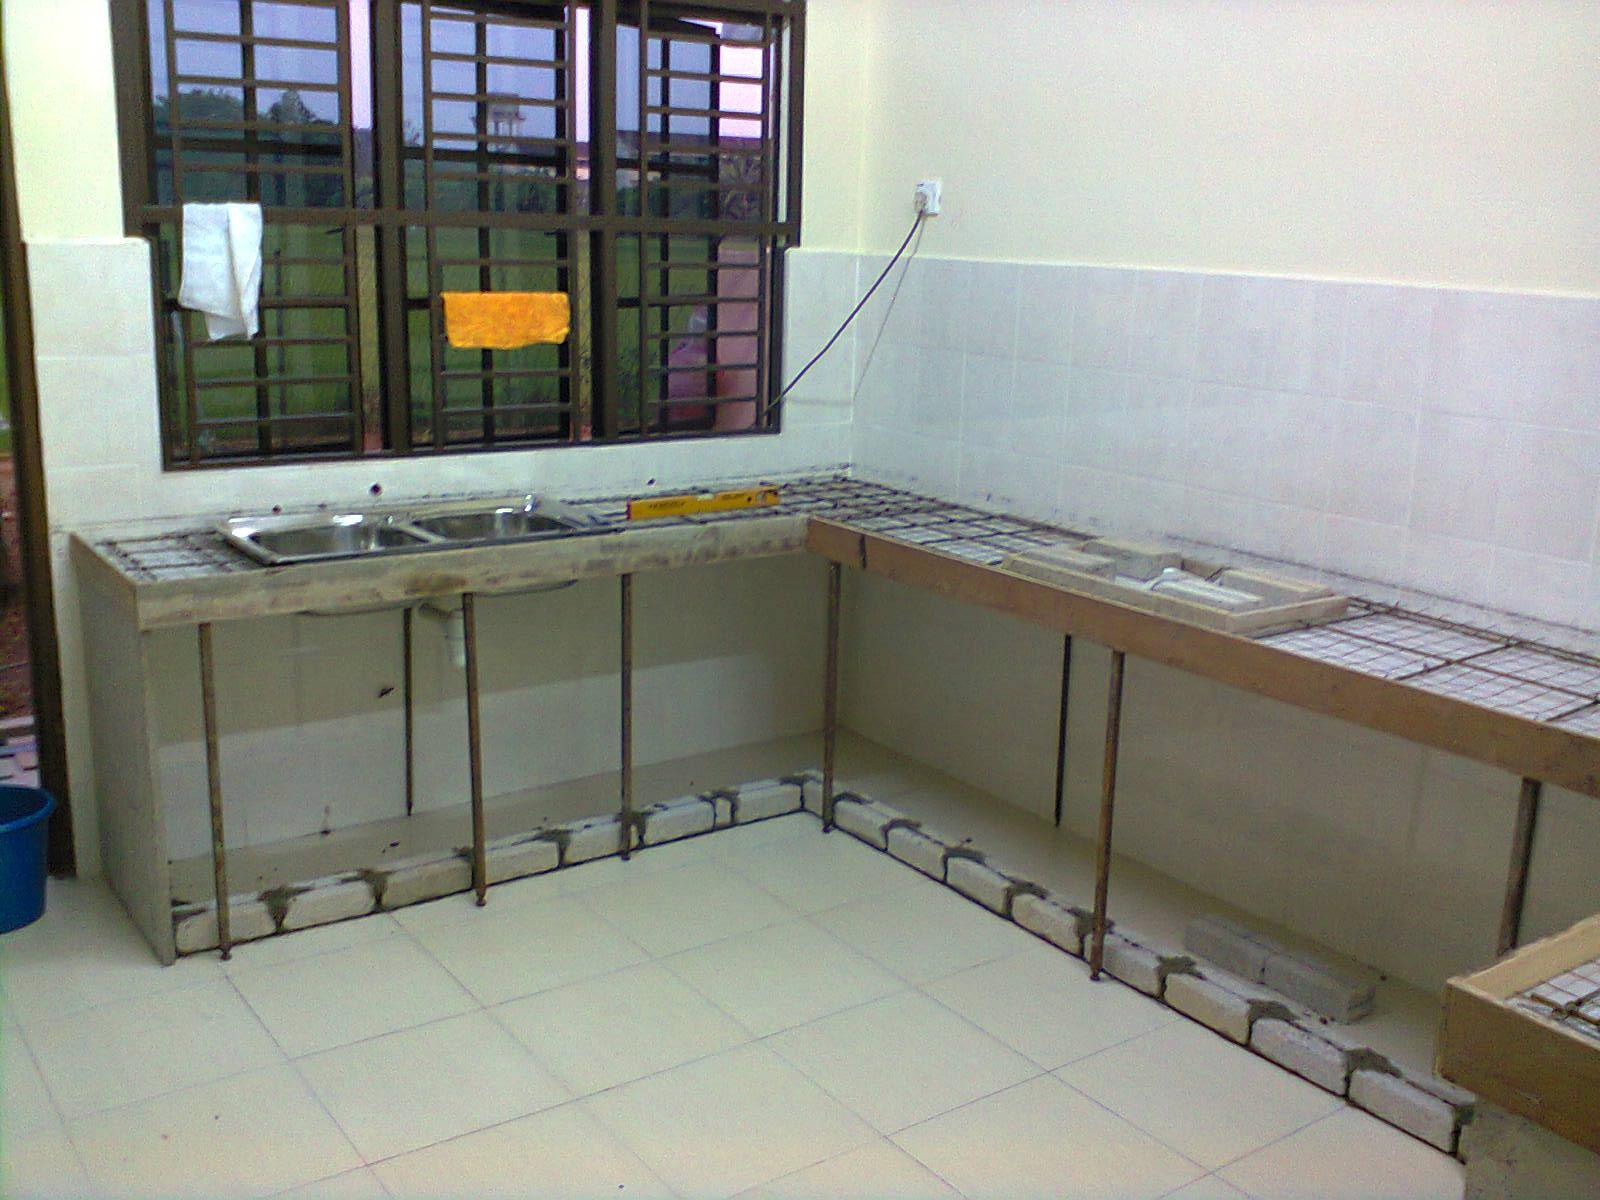 Kabinet Dapur | Kabinet Dapur Alor Setar